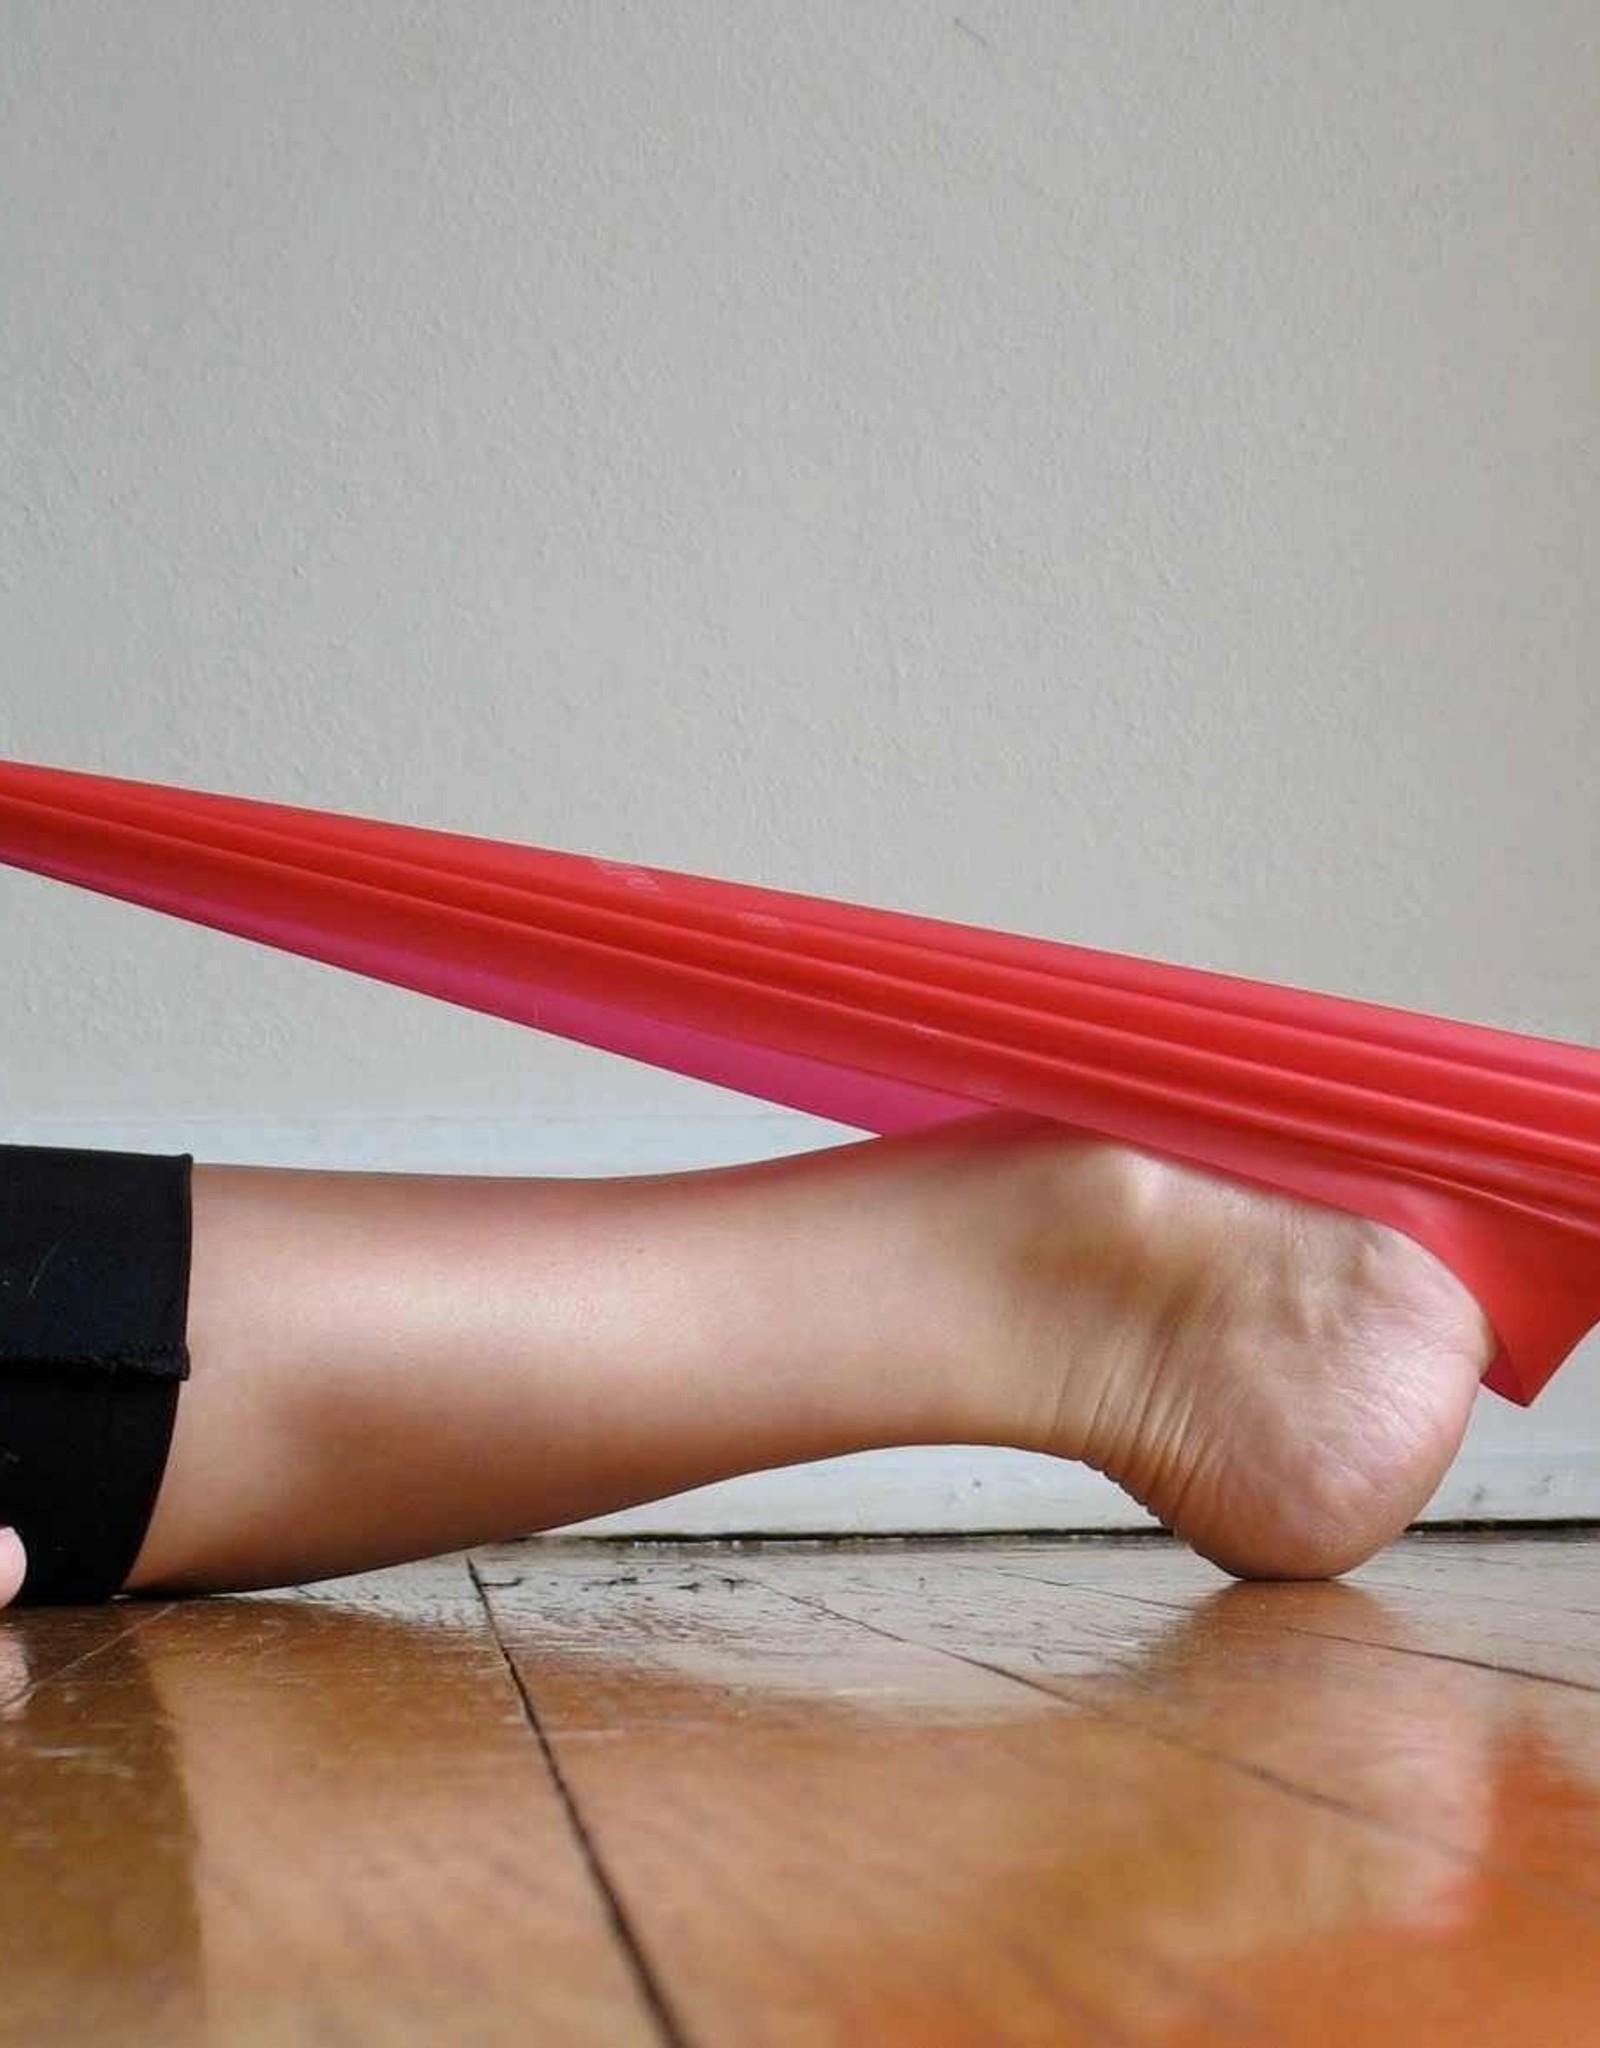 Superior Stretch Superior Stretch Clover Band Level 4 Black